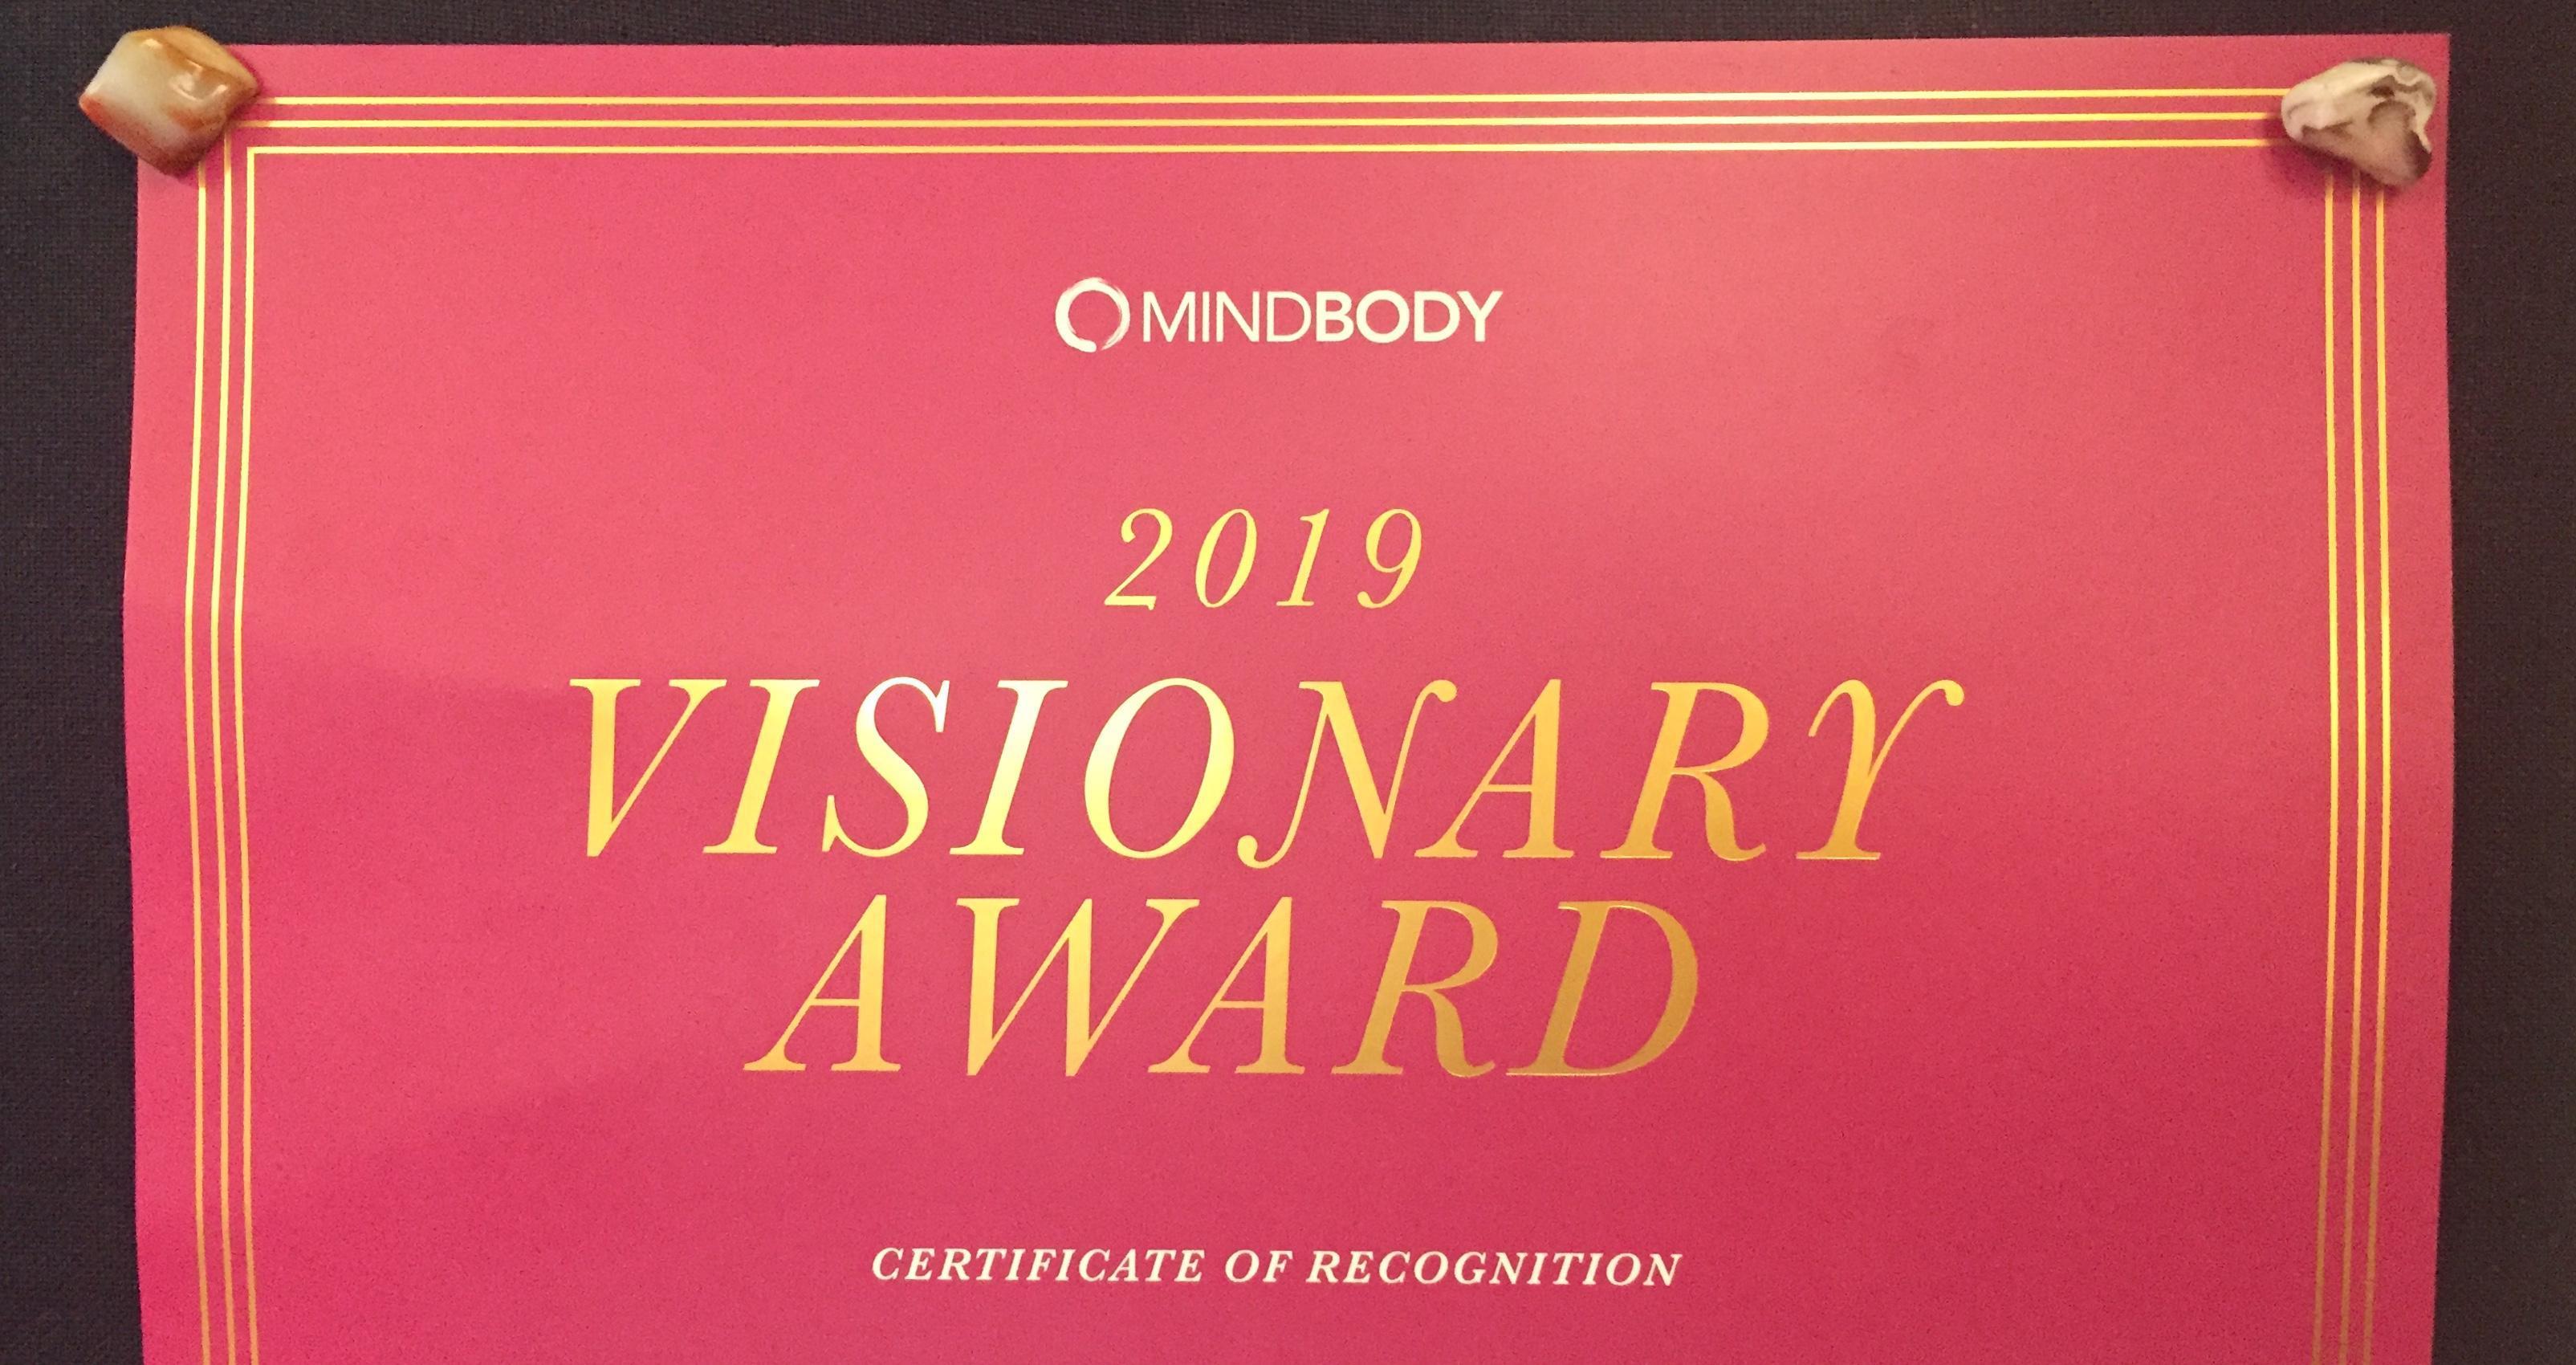 2019 Visionary Award